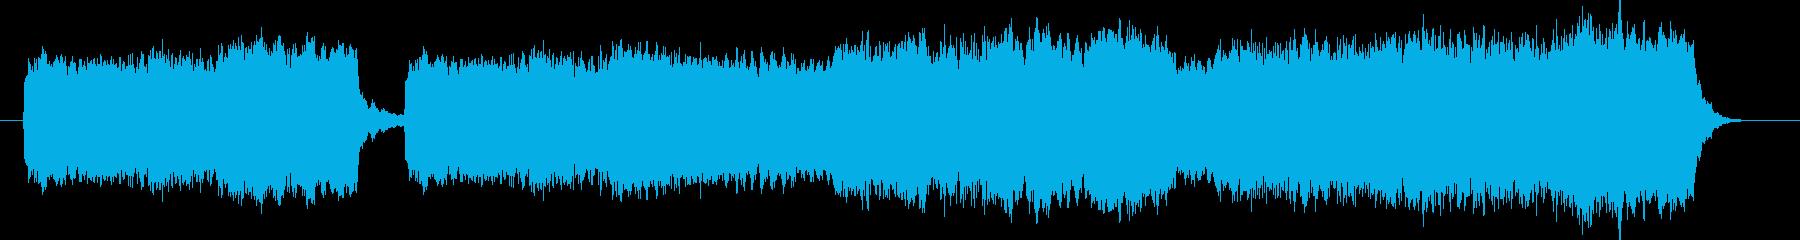 切ないストリングス&コーラス曲 ドラム無の再生済みの波形